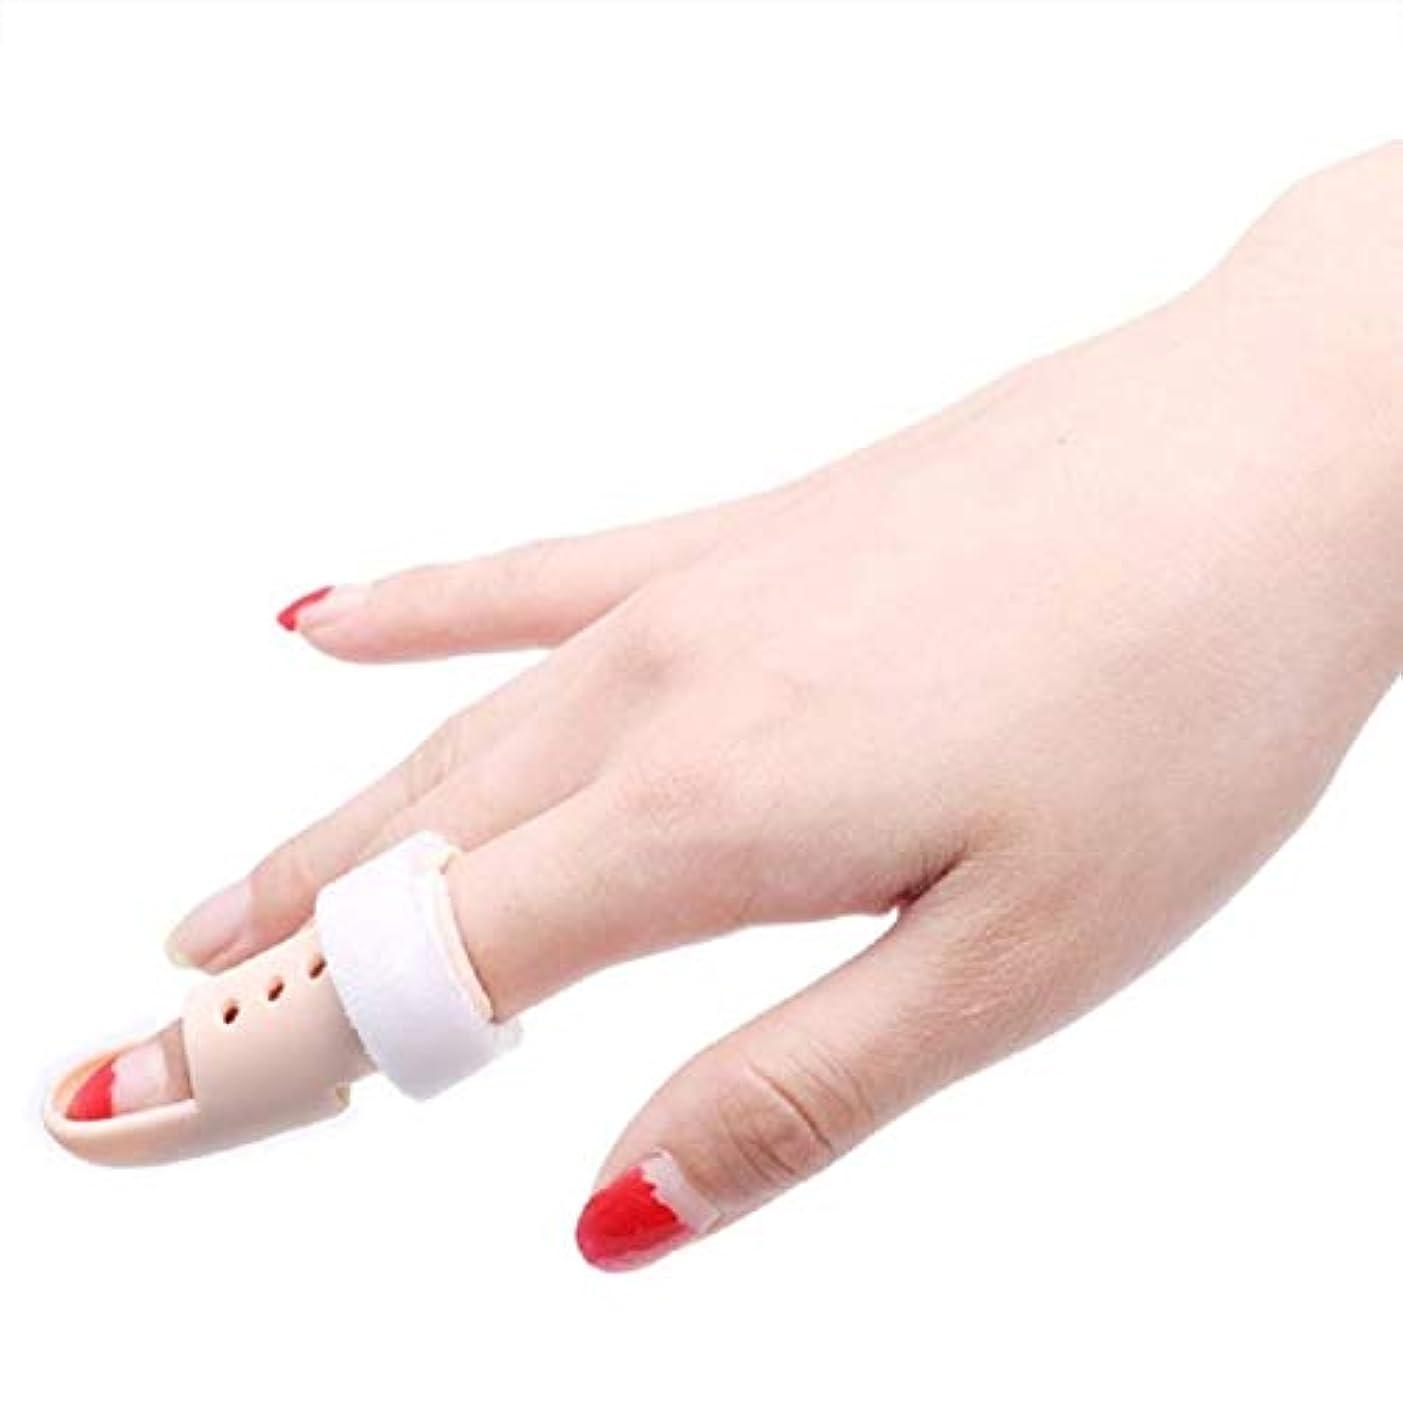 扇動する介入する島スプリント指、指セパレーター、指の指セパレーターインソール、軽量、通気性、拘束安定AND NOT、両手に適合、ばね指のスプリント (Size : XL)